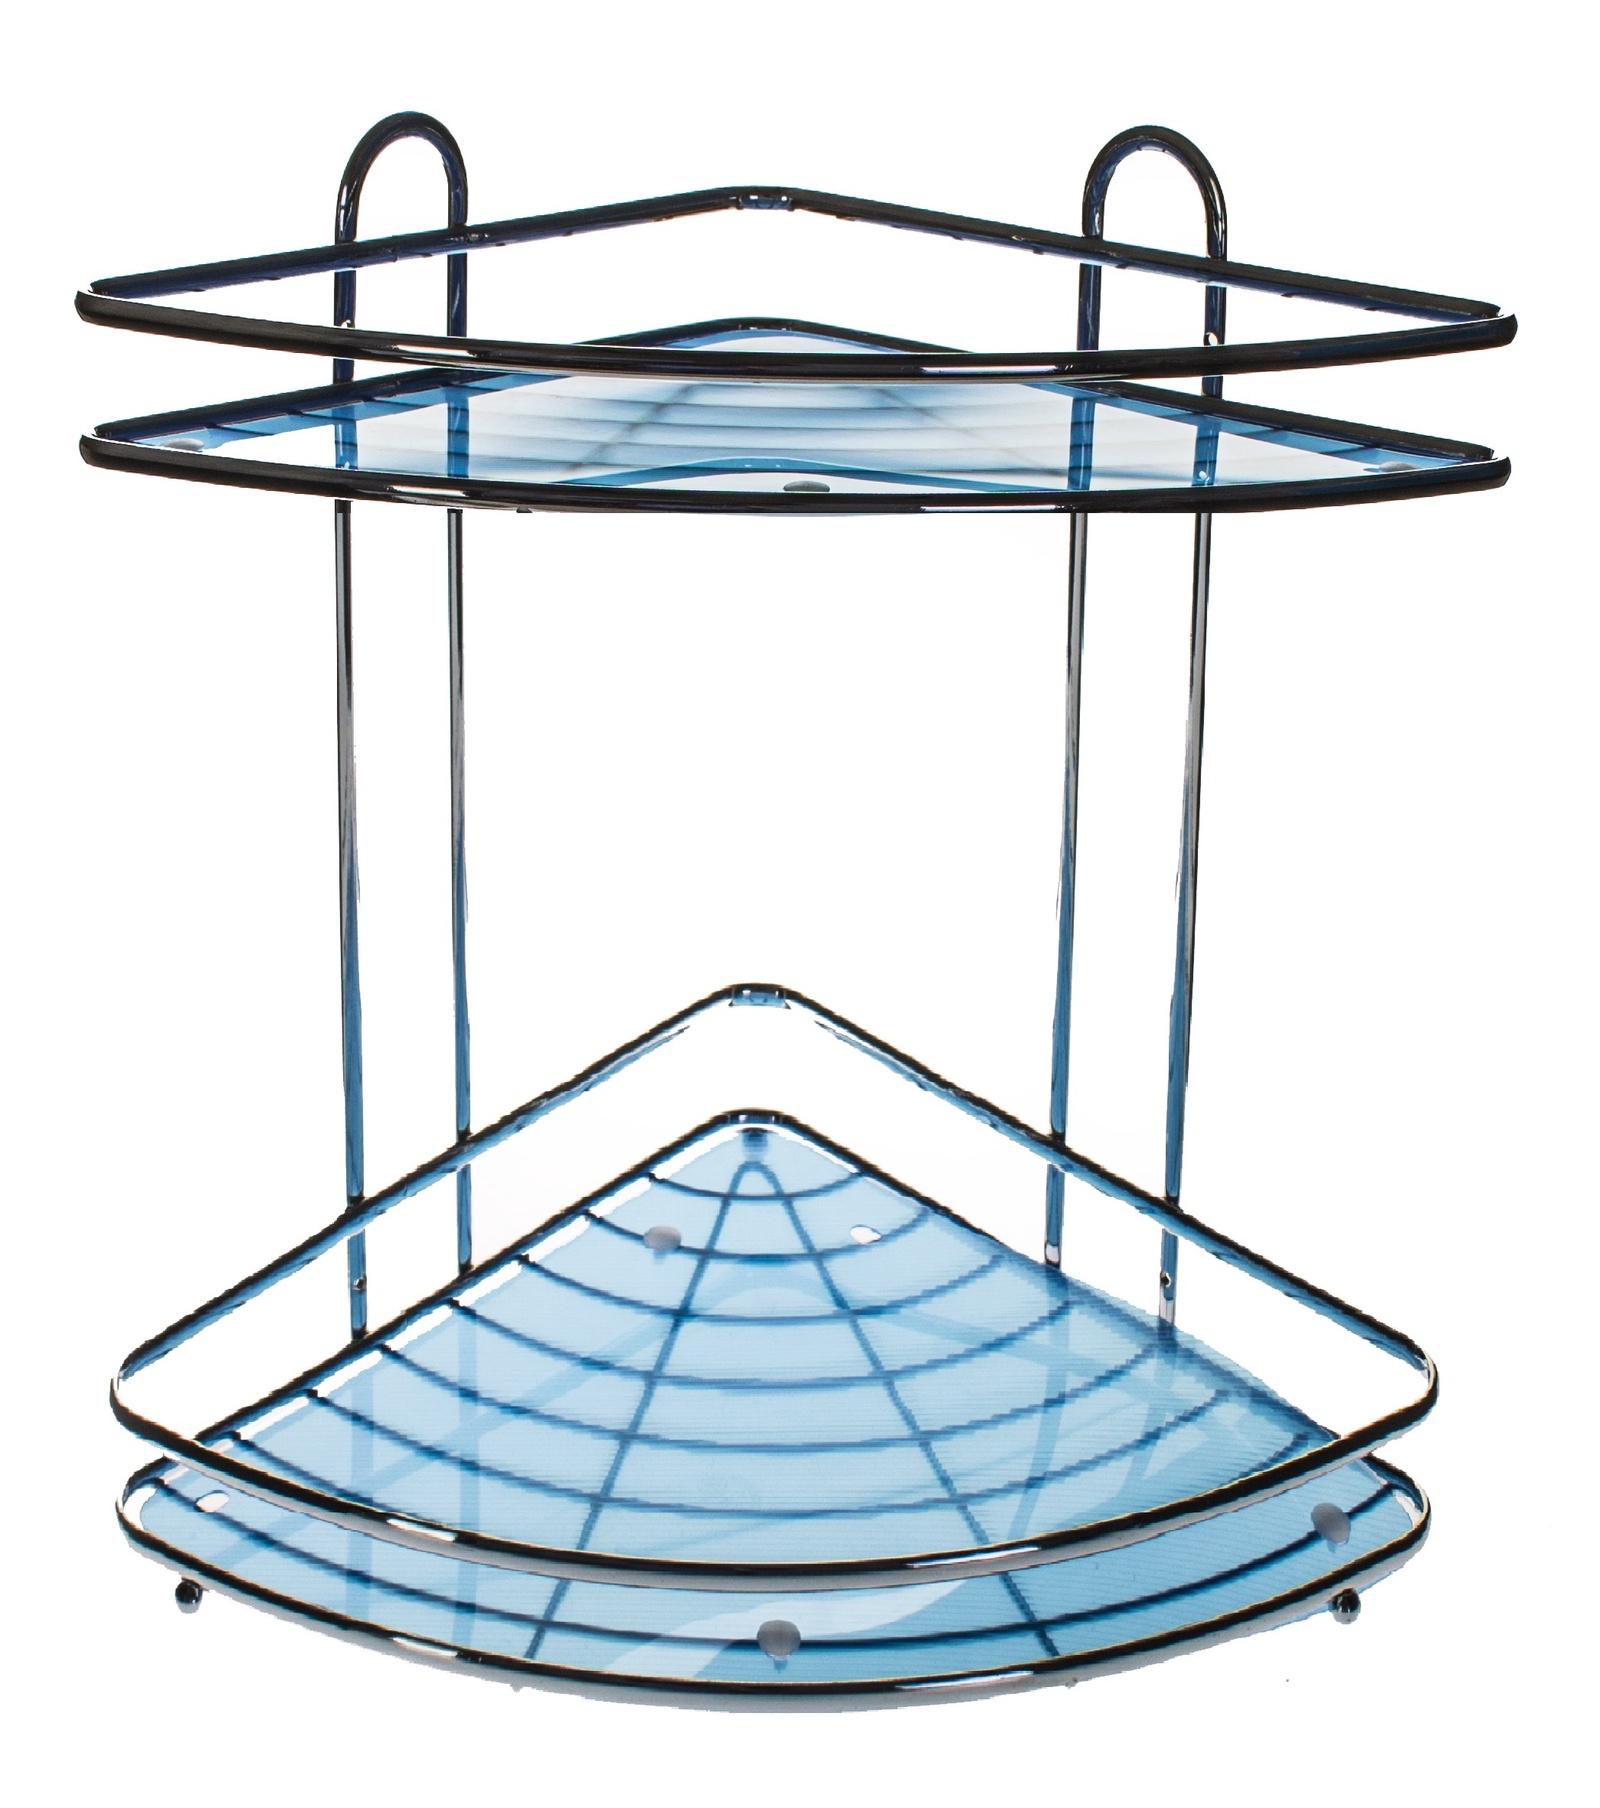 Полка для ванной комнаты Vanstore Полка подвесная, серебристый, синий полка для ванной комнаты vanstore 061 77 серебристый